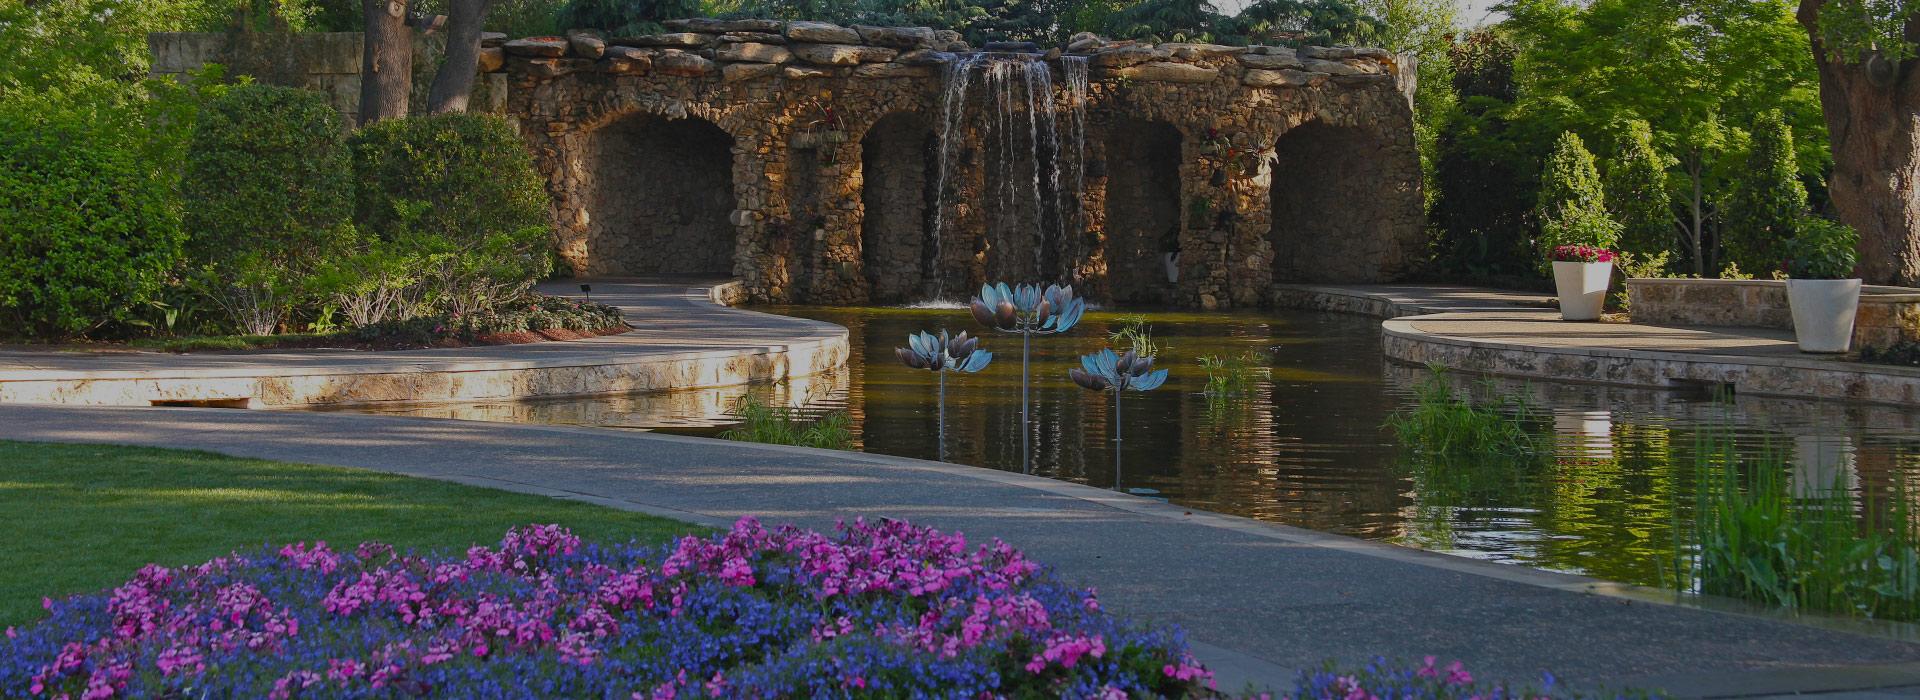 June 16_17 - Arboretum.jpg